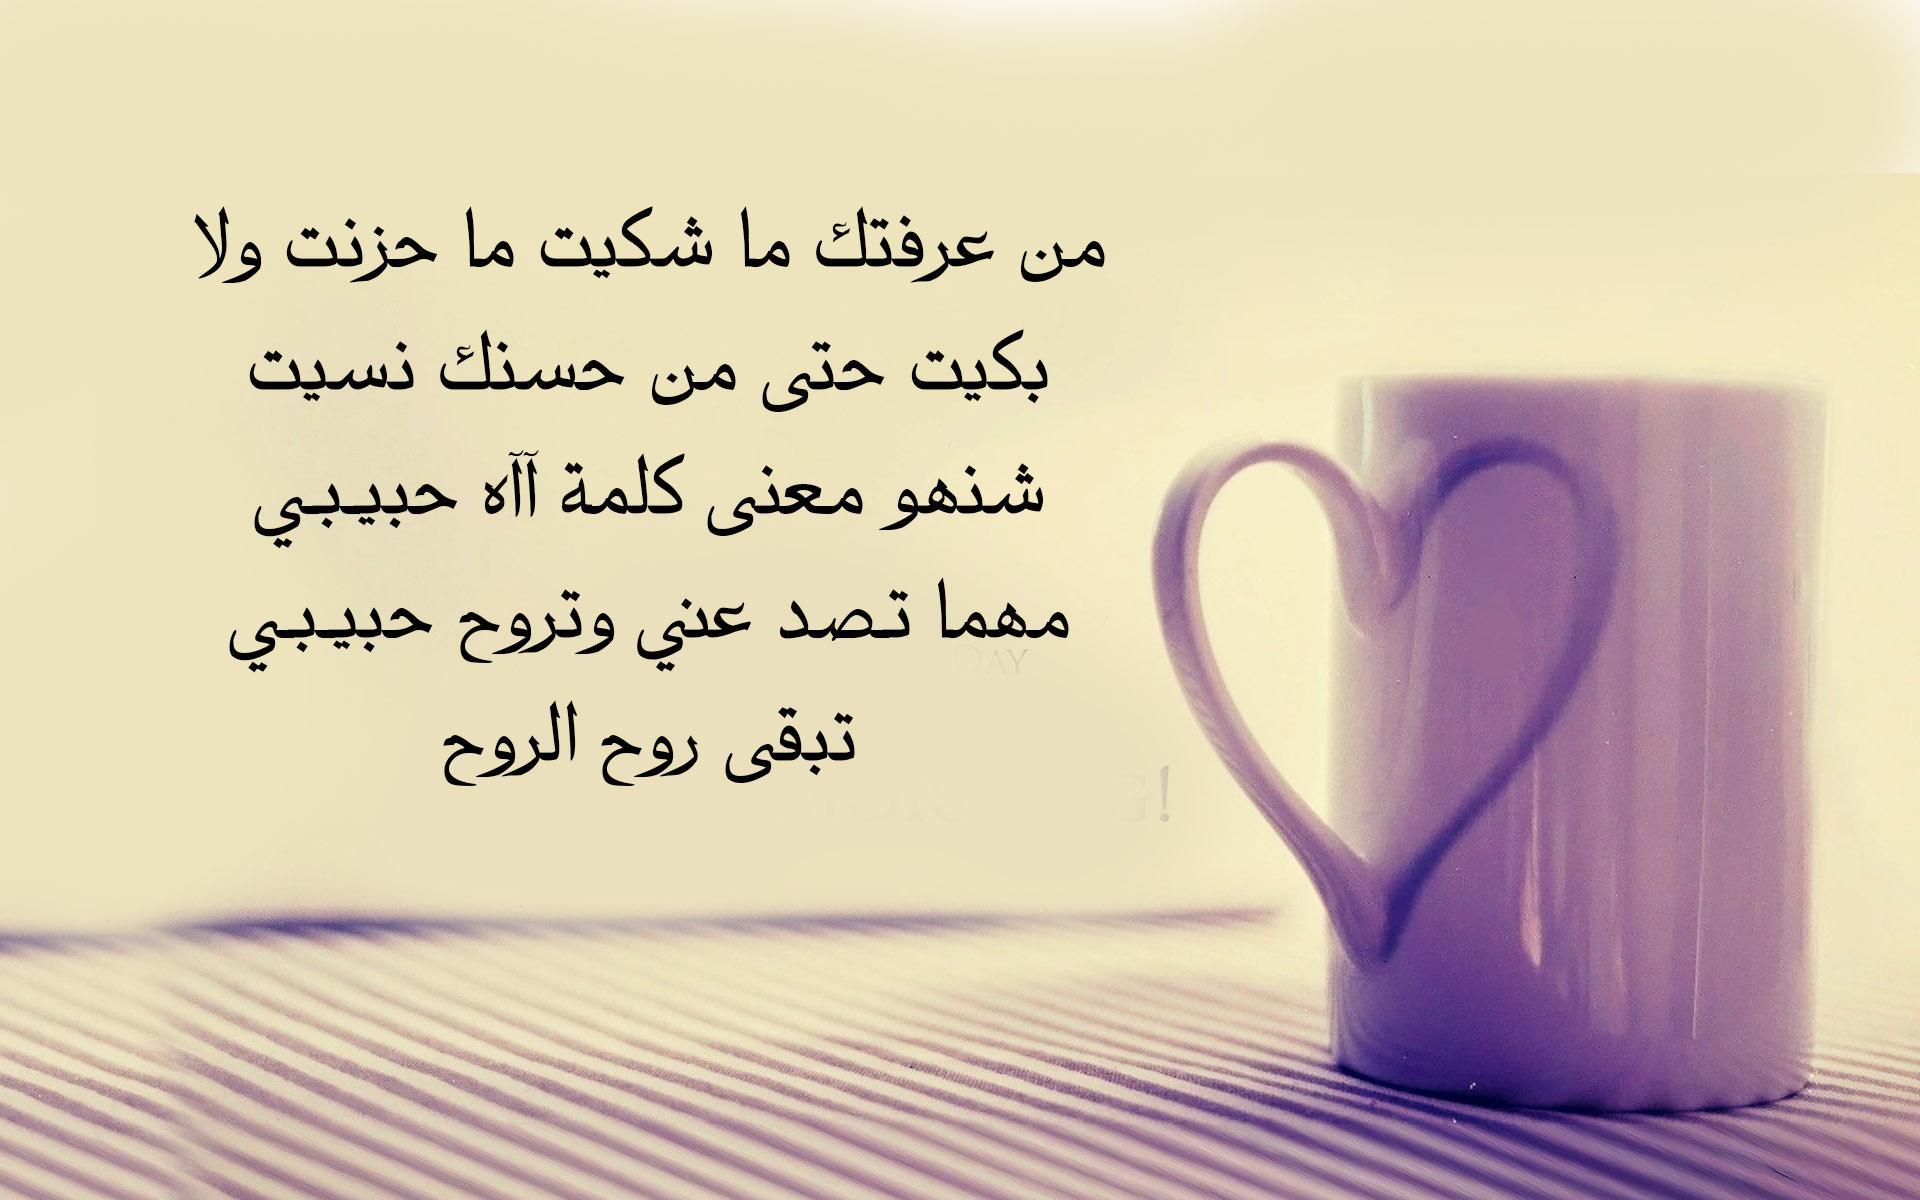 بالصور كلام عن صباح الخير , اجمل كلمات يمكن ان تقال فى الصباح 5988 10